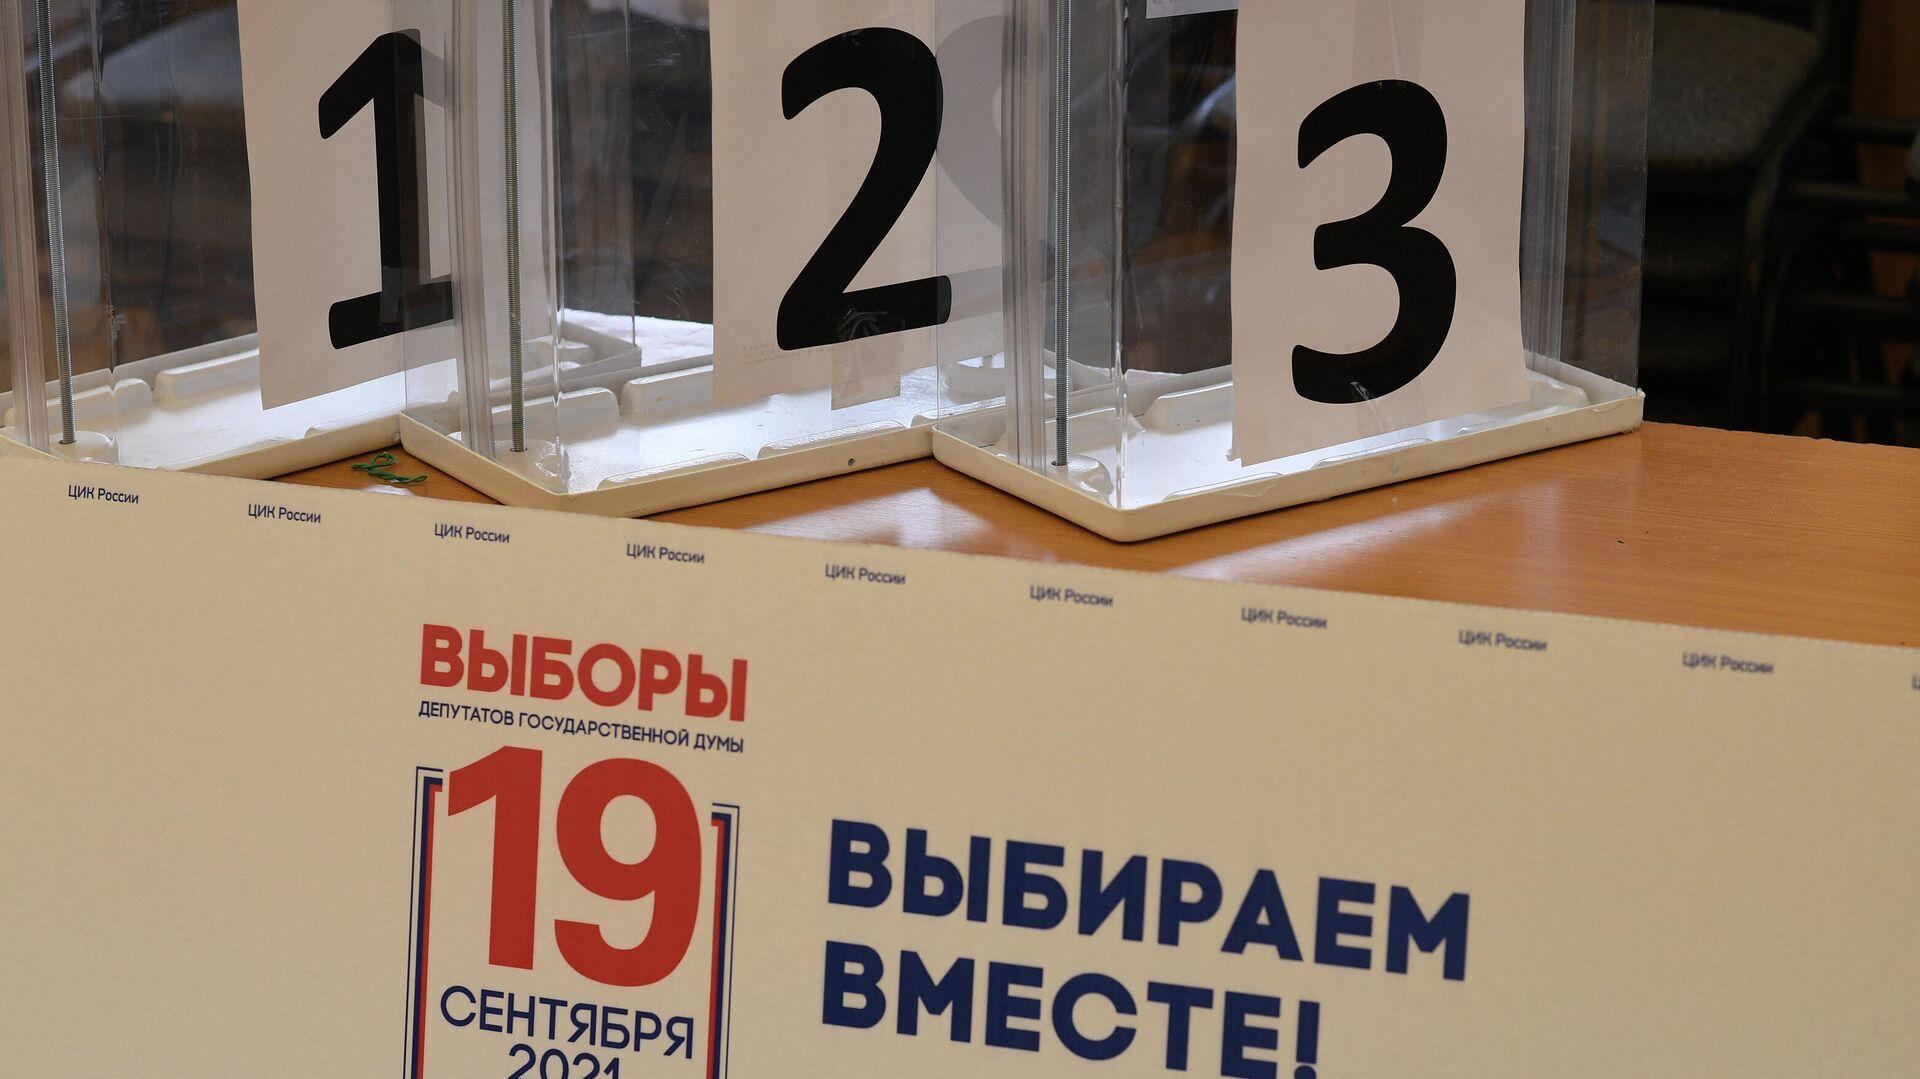 Elecciones parlamentarias en Rusia - Sputnik Mundo, 1920, 17.09.2021